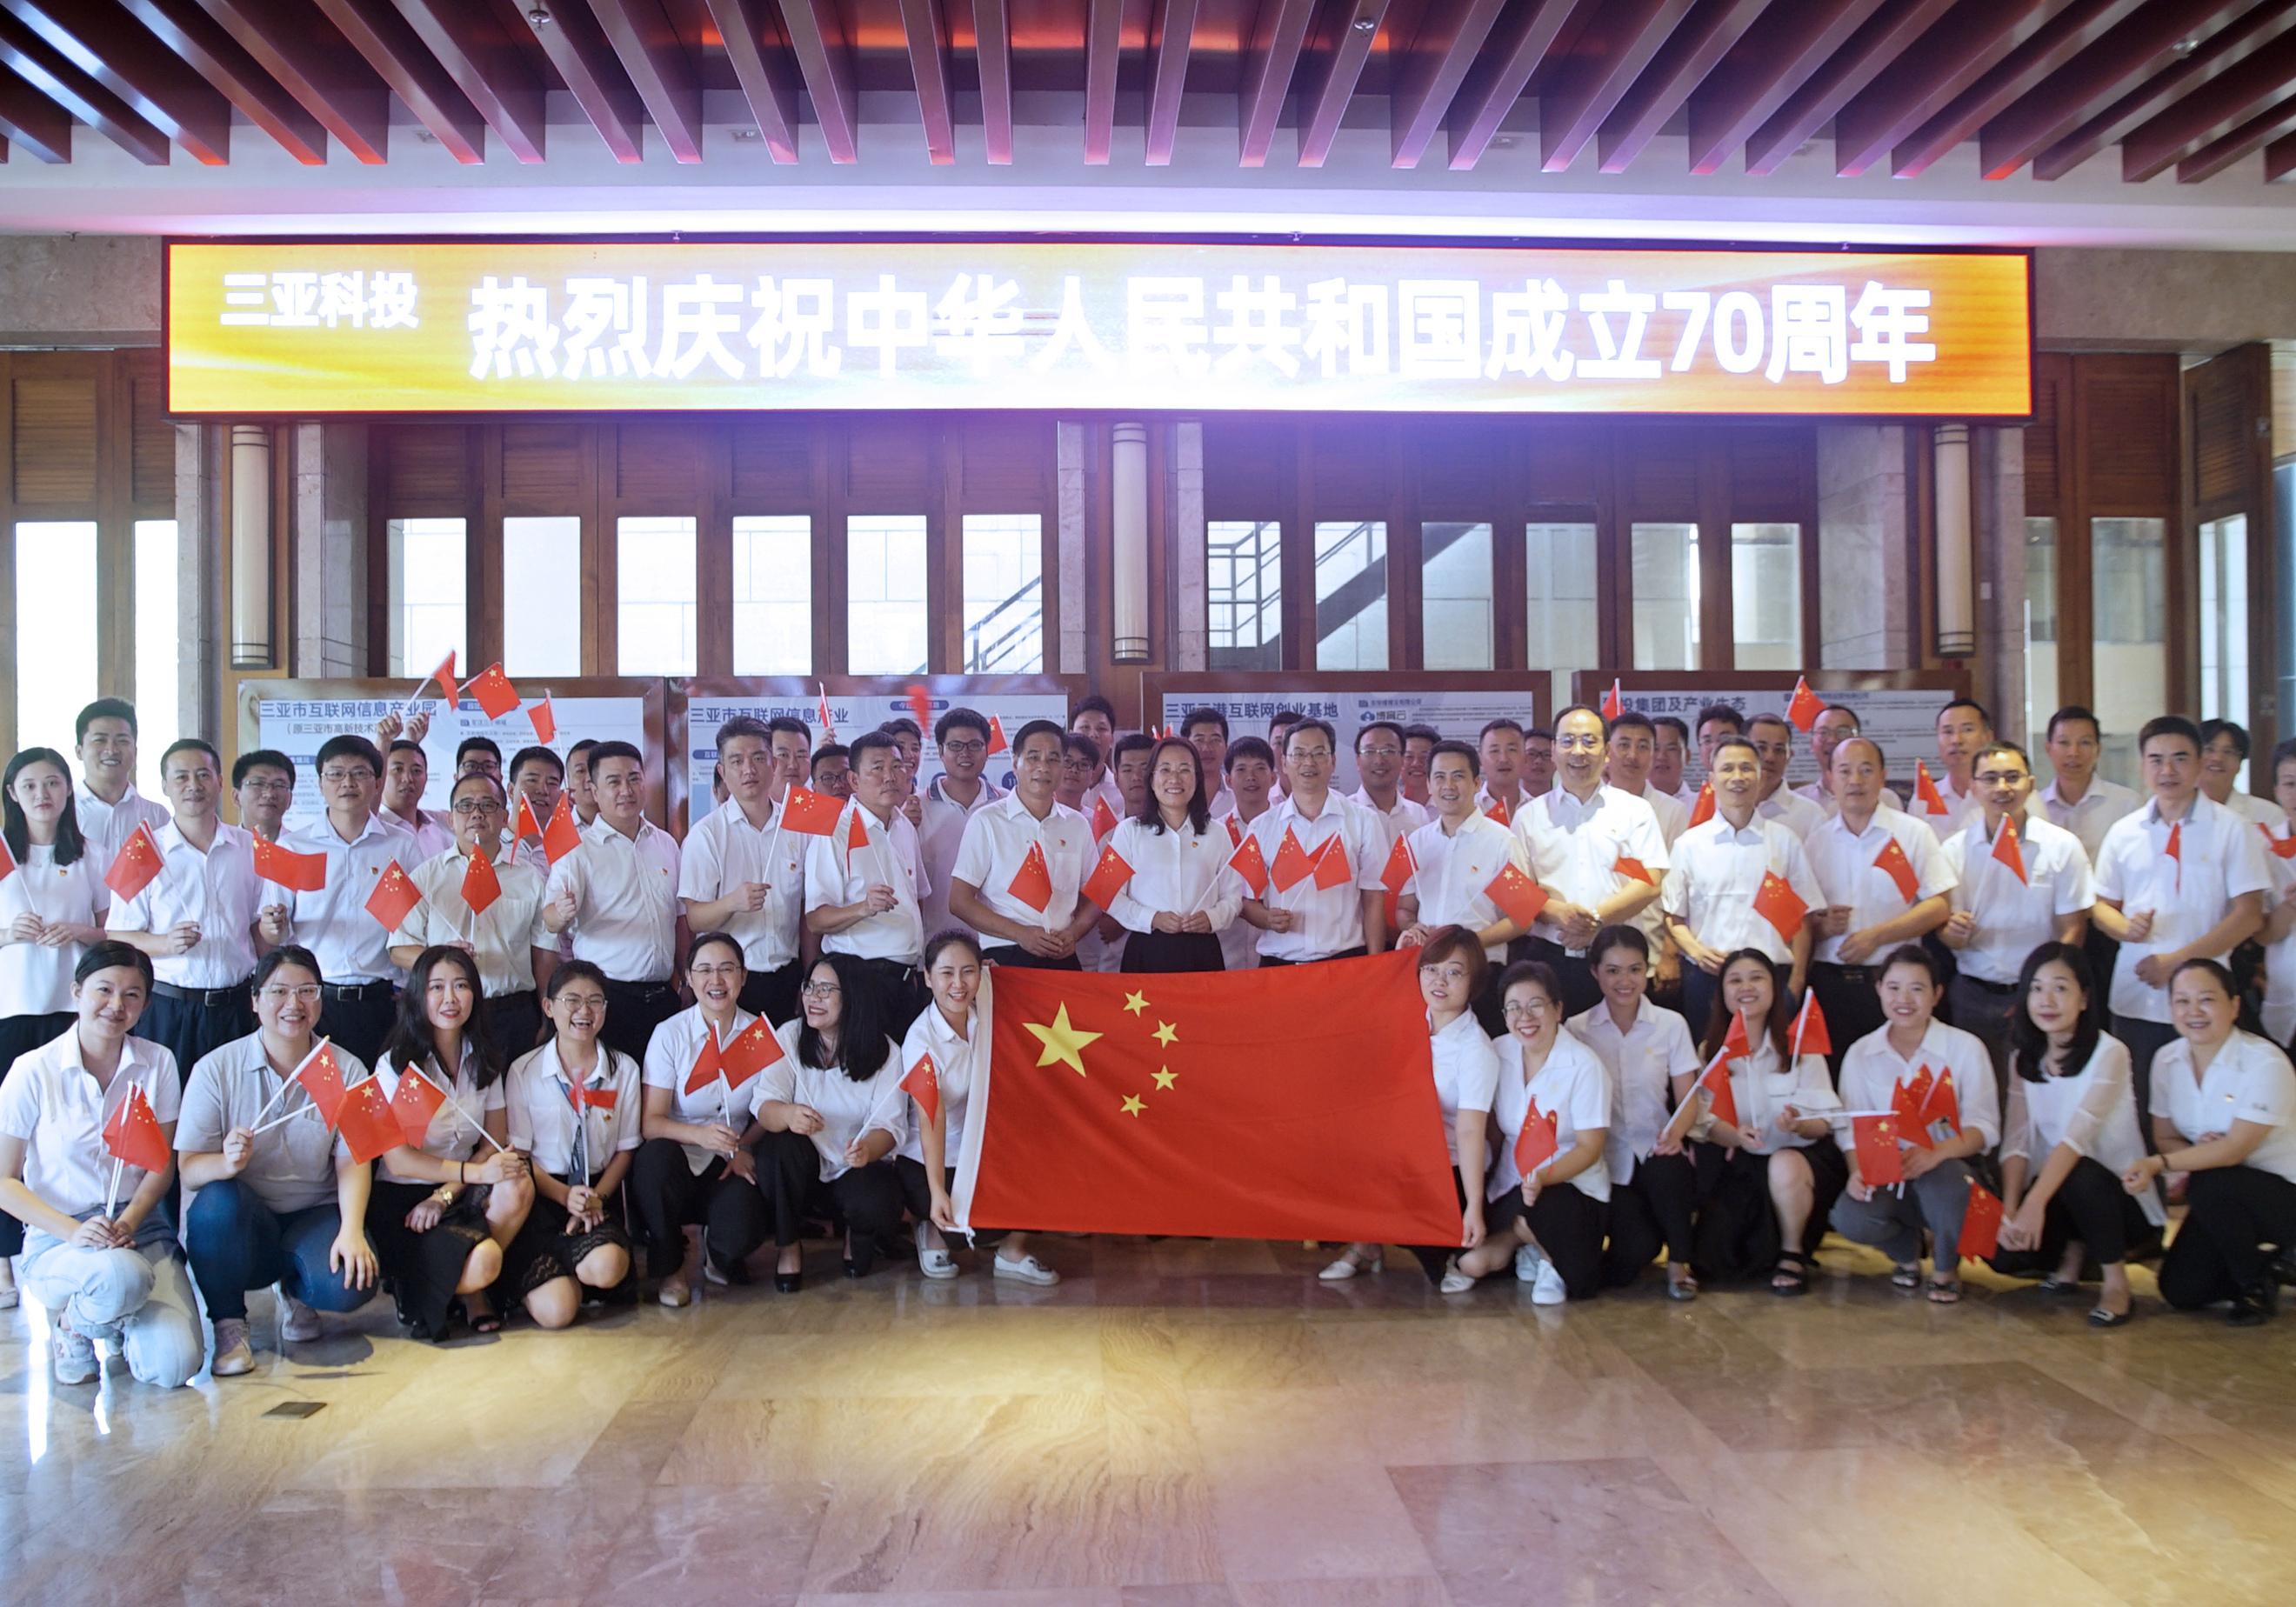 三亞市國資委、三亞科投集團集中觀看慶祝中華人民共和國成立70周年大會